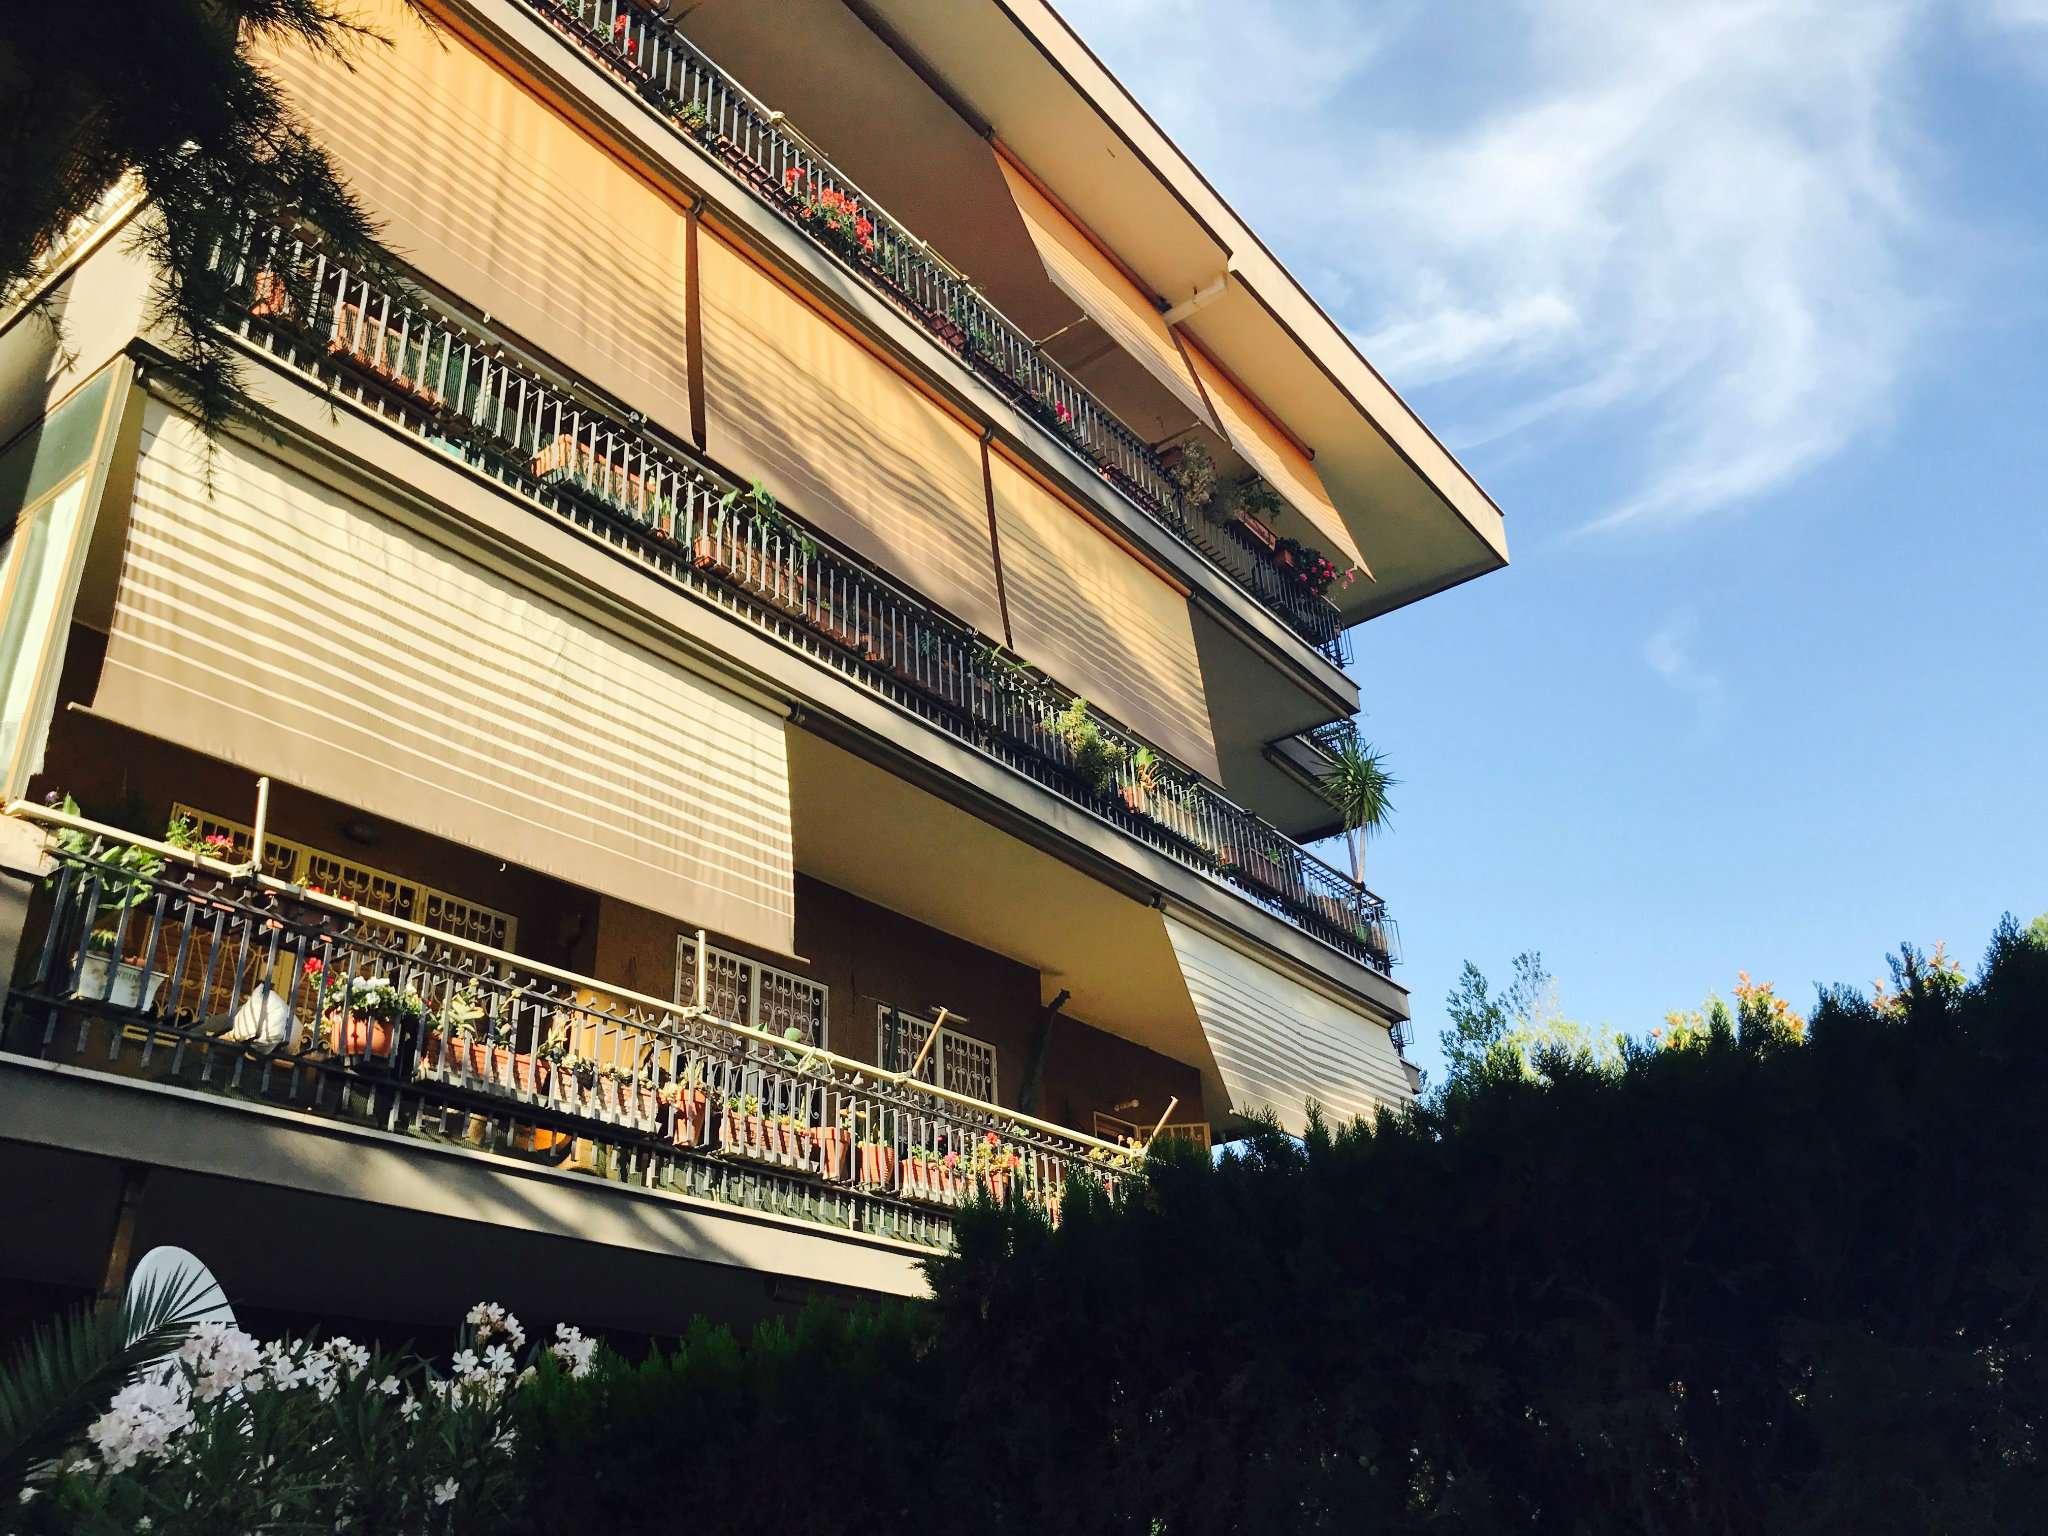 Appartamento in vendita a Ciampino, 4 locali, prezzo € 330.000 | CambioCasa.it